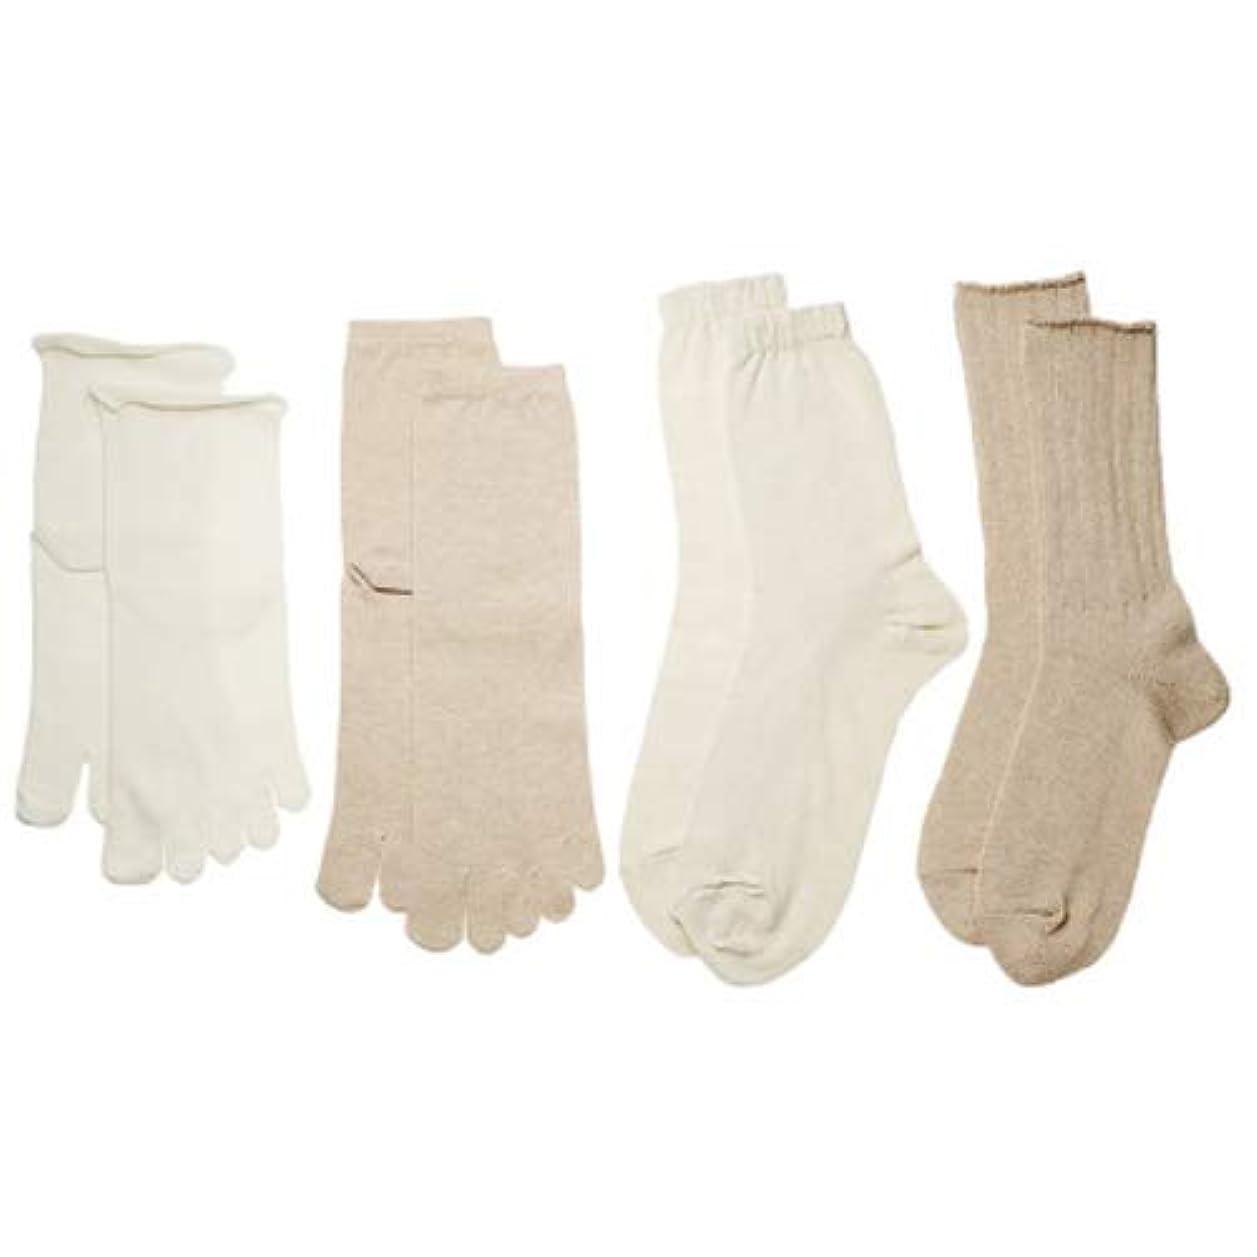 レジデンス日の出コンペコクーンフィット イノセントシリーズ 4足重ね履き靴下